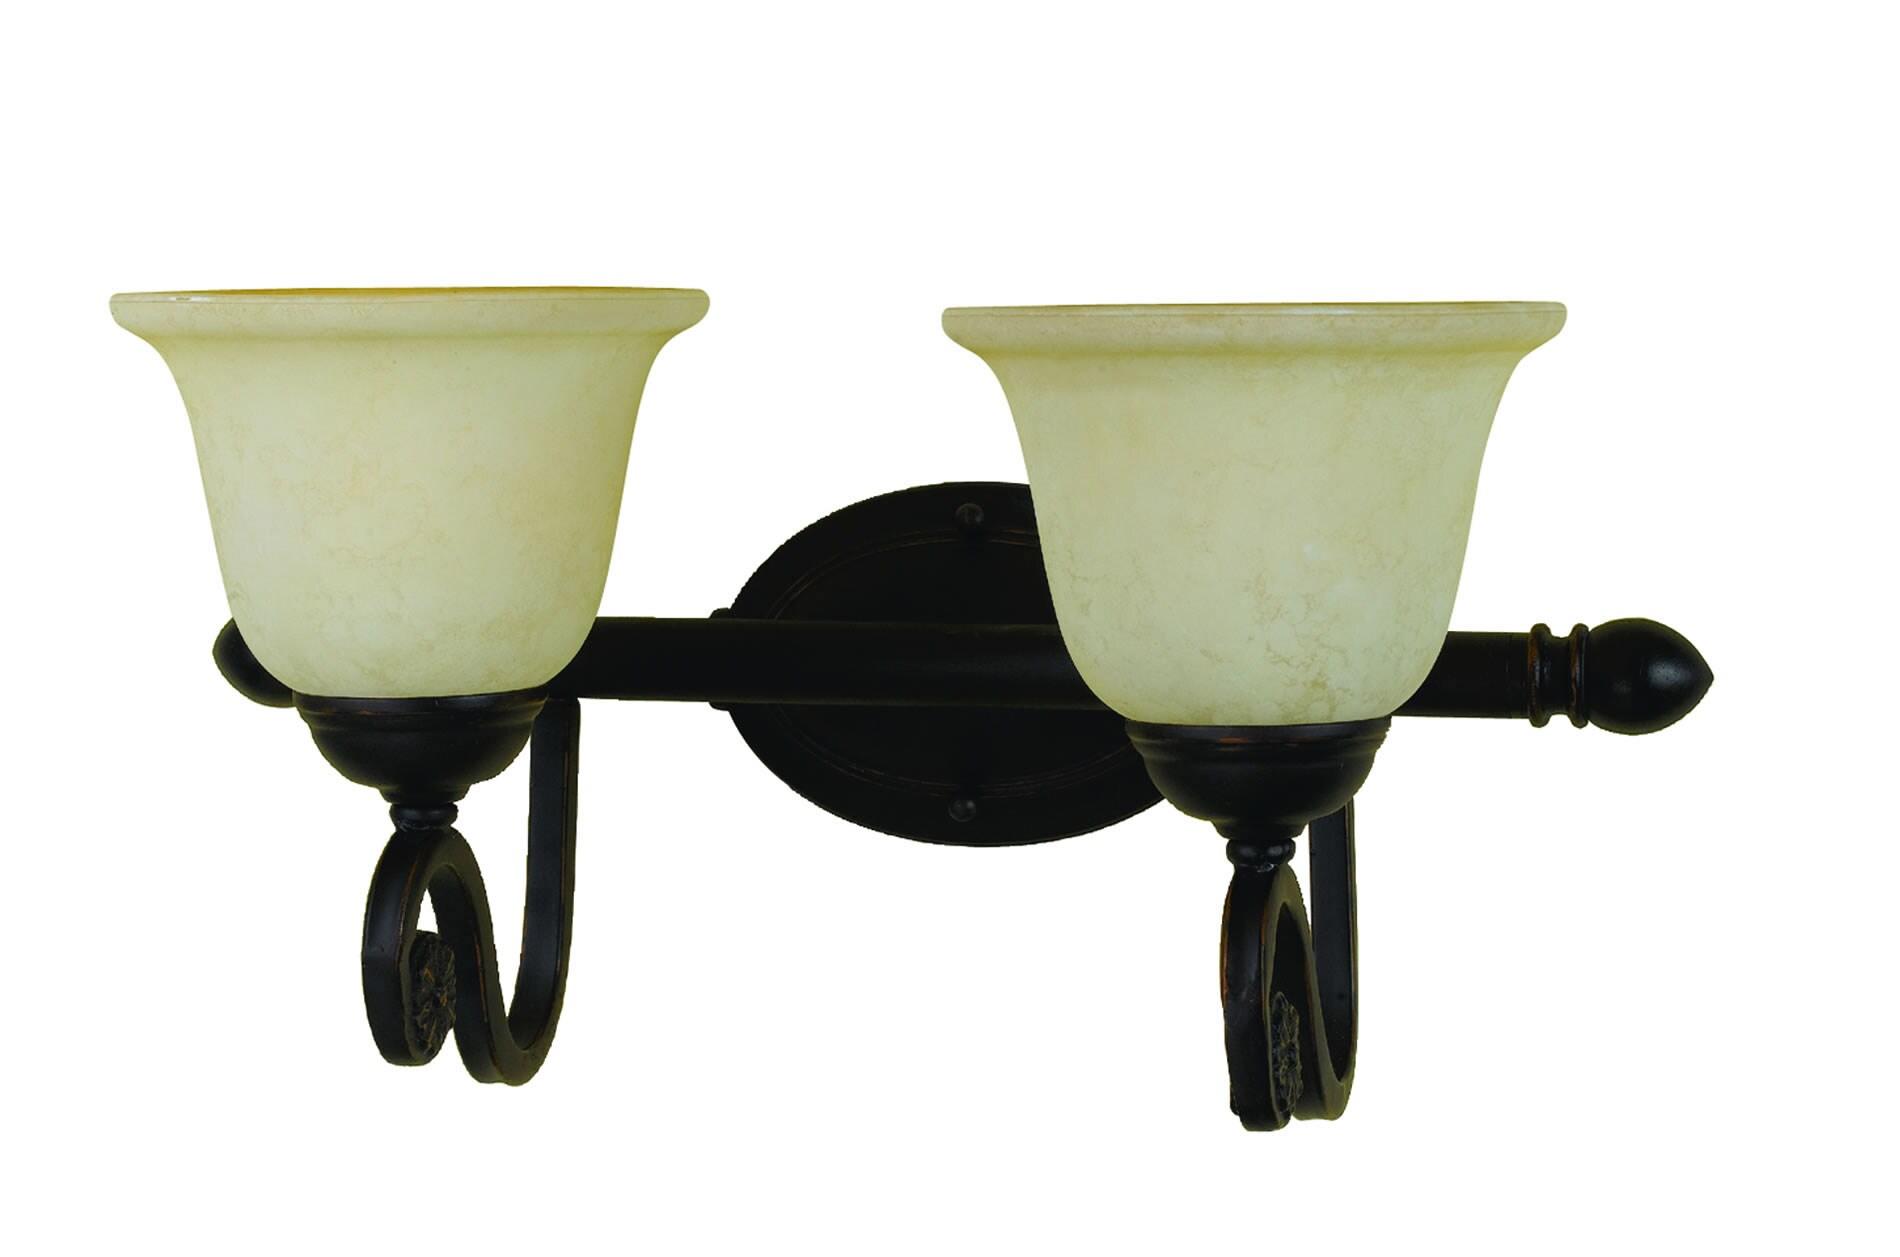 Harmony 2-light Oil-rubbed Bronze Vanity Fixture 7202913